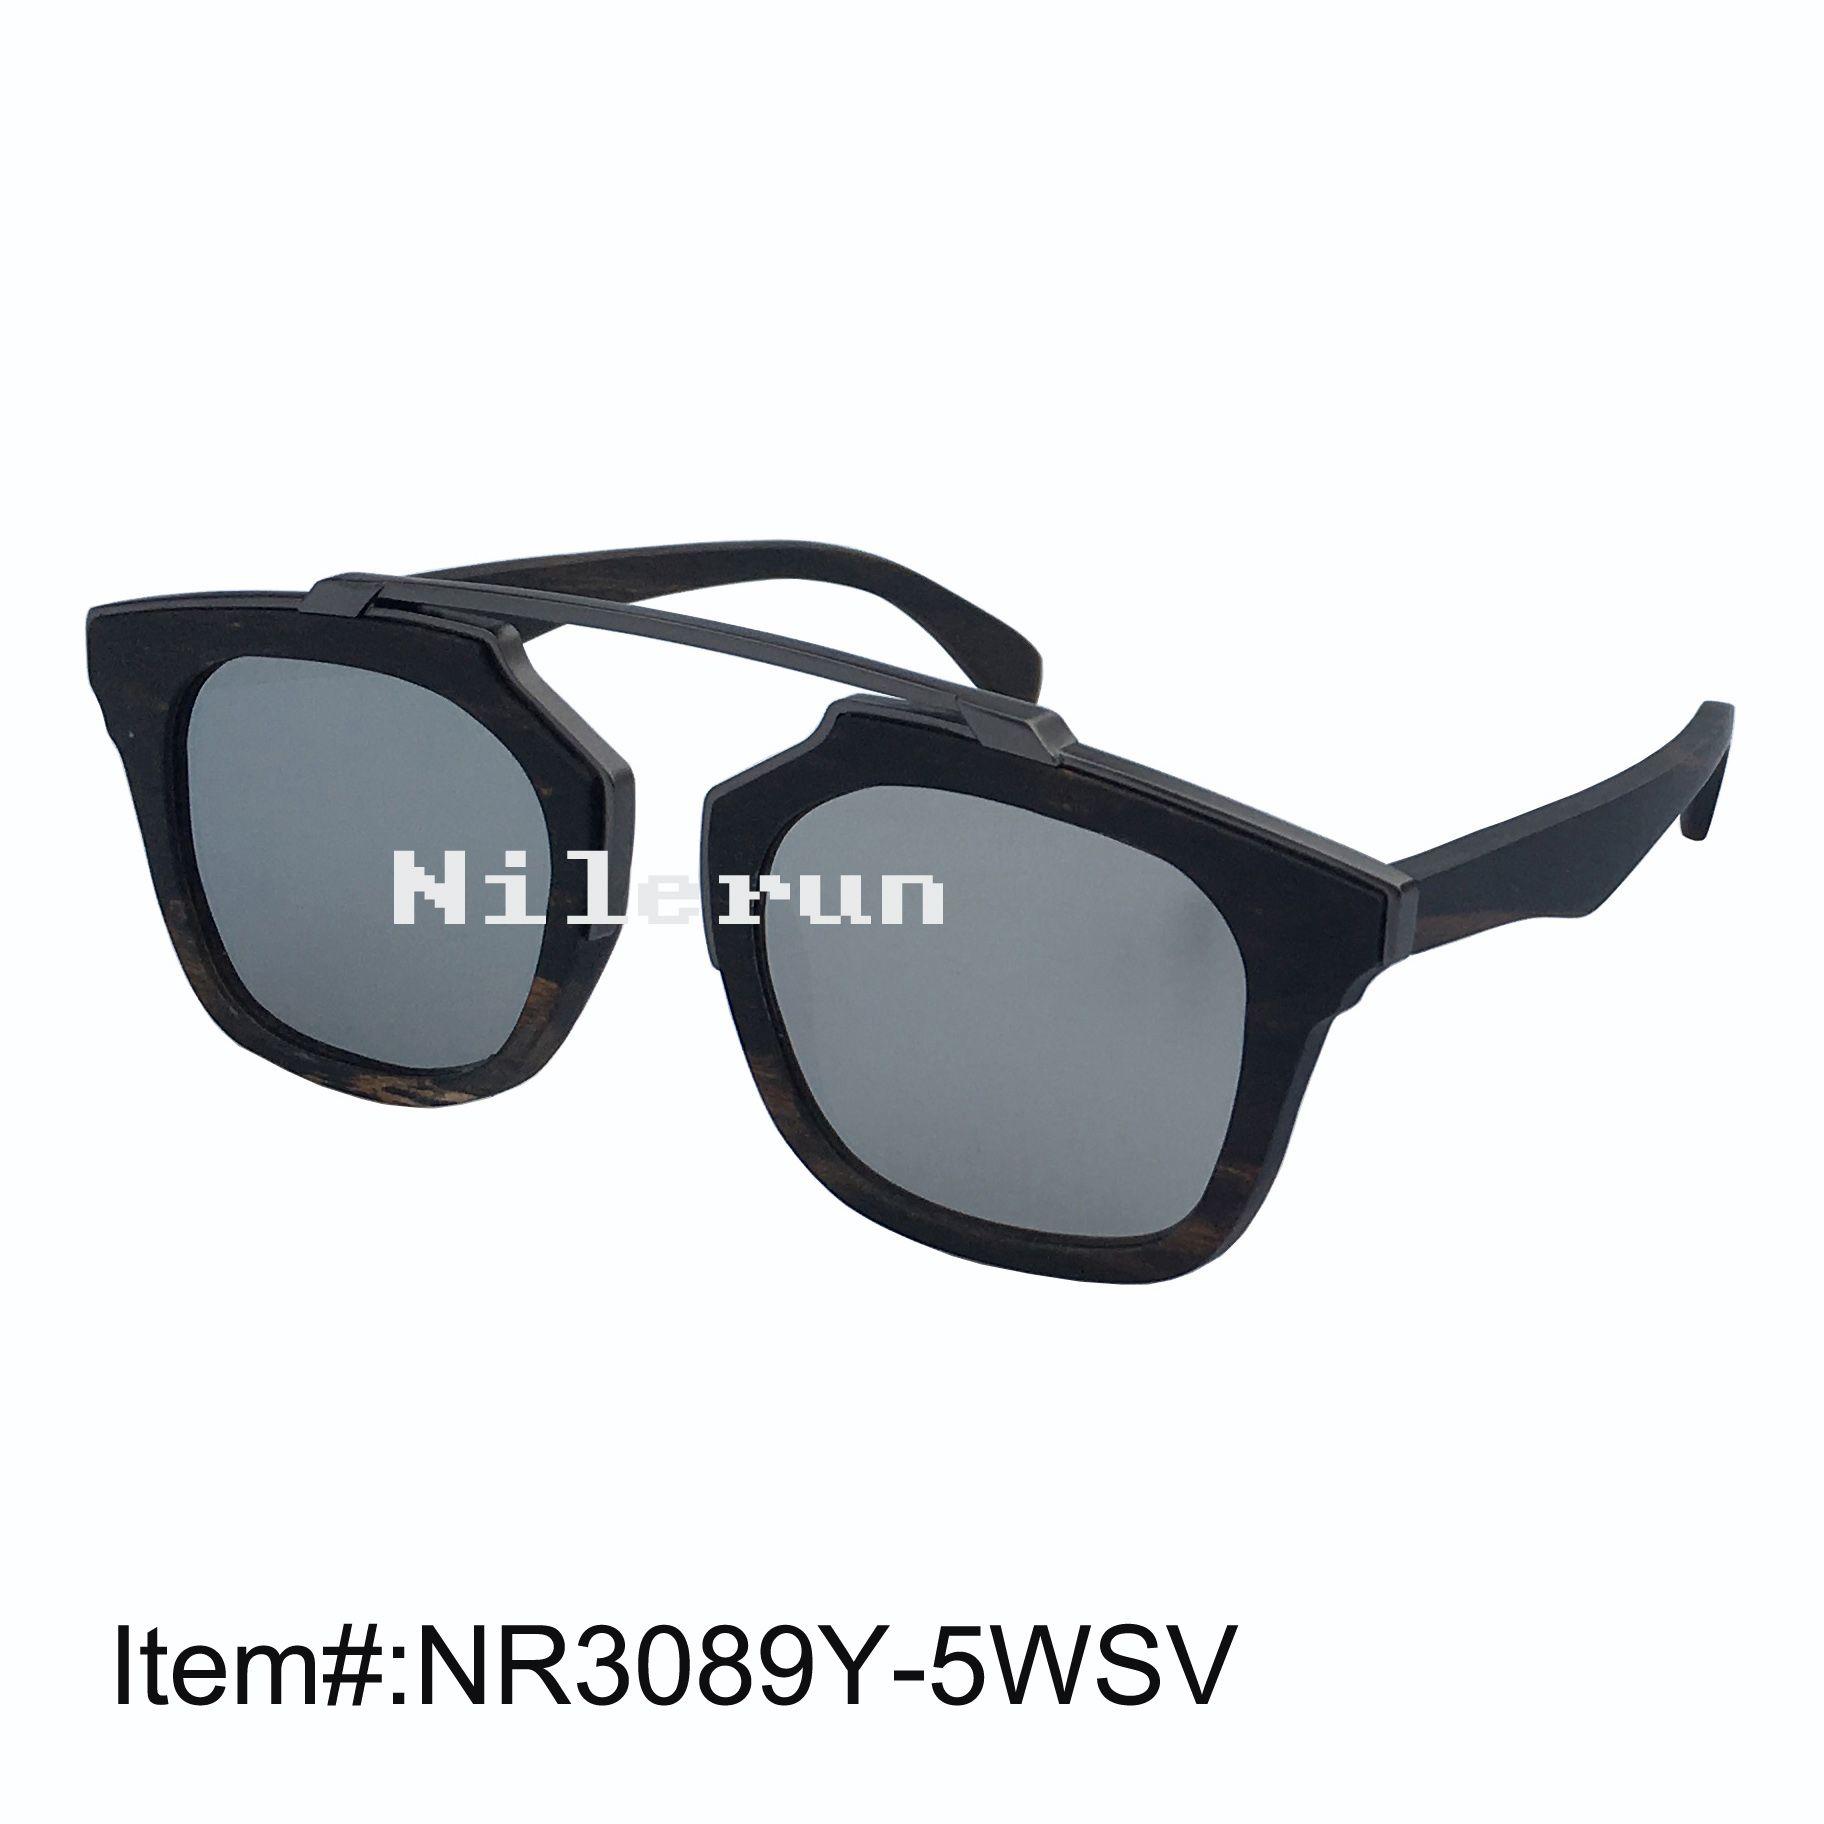 bd425bf13 Compre Nilerun Marca Quadrado Uv400 Espelho Prata Polarizante Lente Metal  Ebony Moldura De Madeira Óculos De Sol De Nilerun, $23.12   Pt.Dhgate.Com